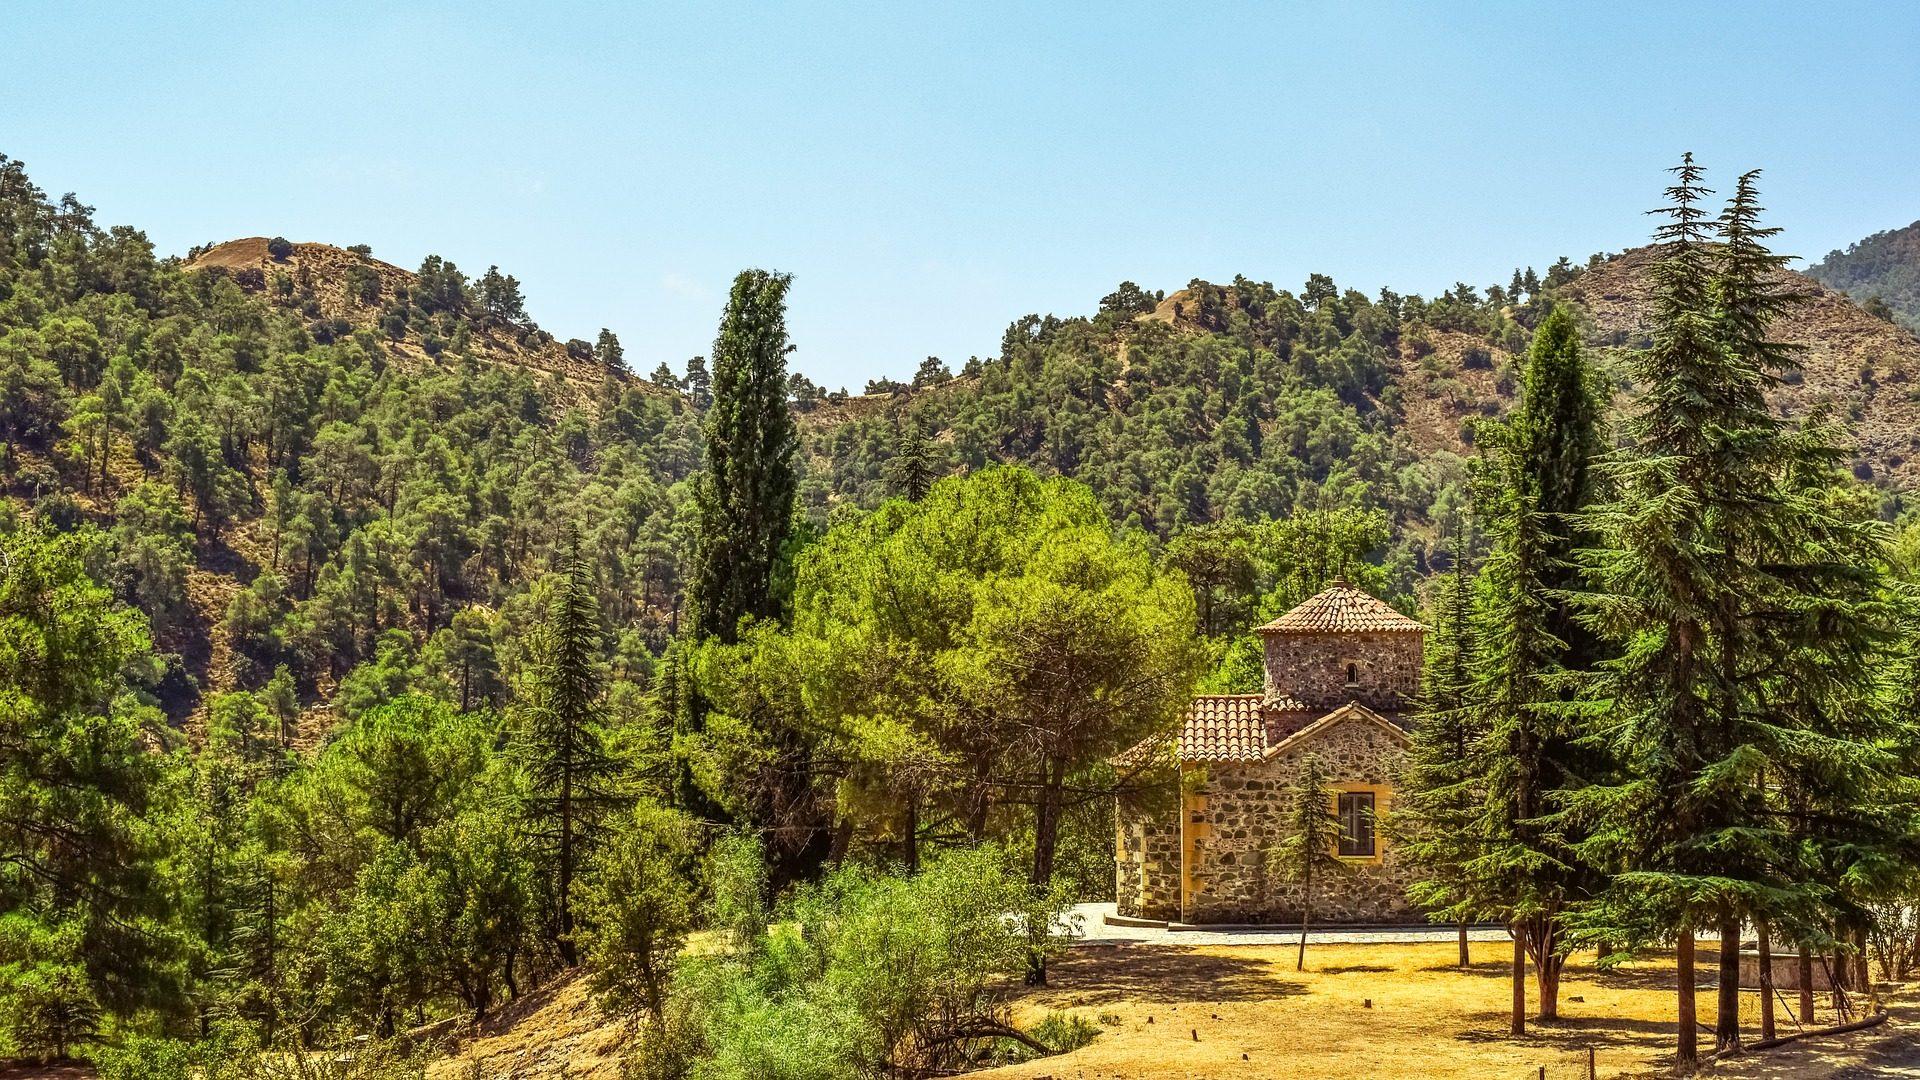 лес, поле, деревья, Церковь, Монтаньяс, Кипр - Обои HD - Профессор falken.com